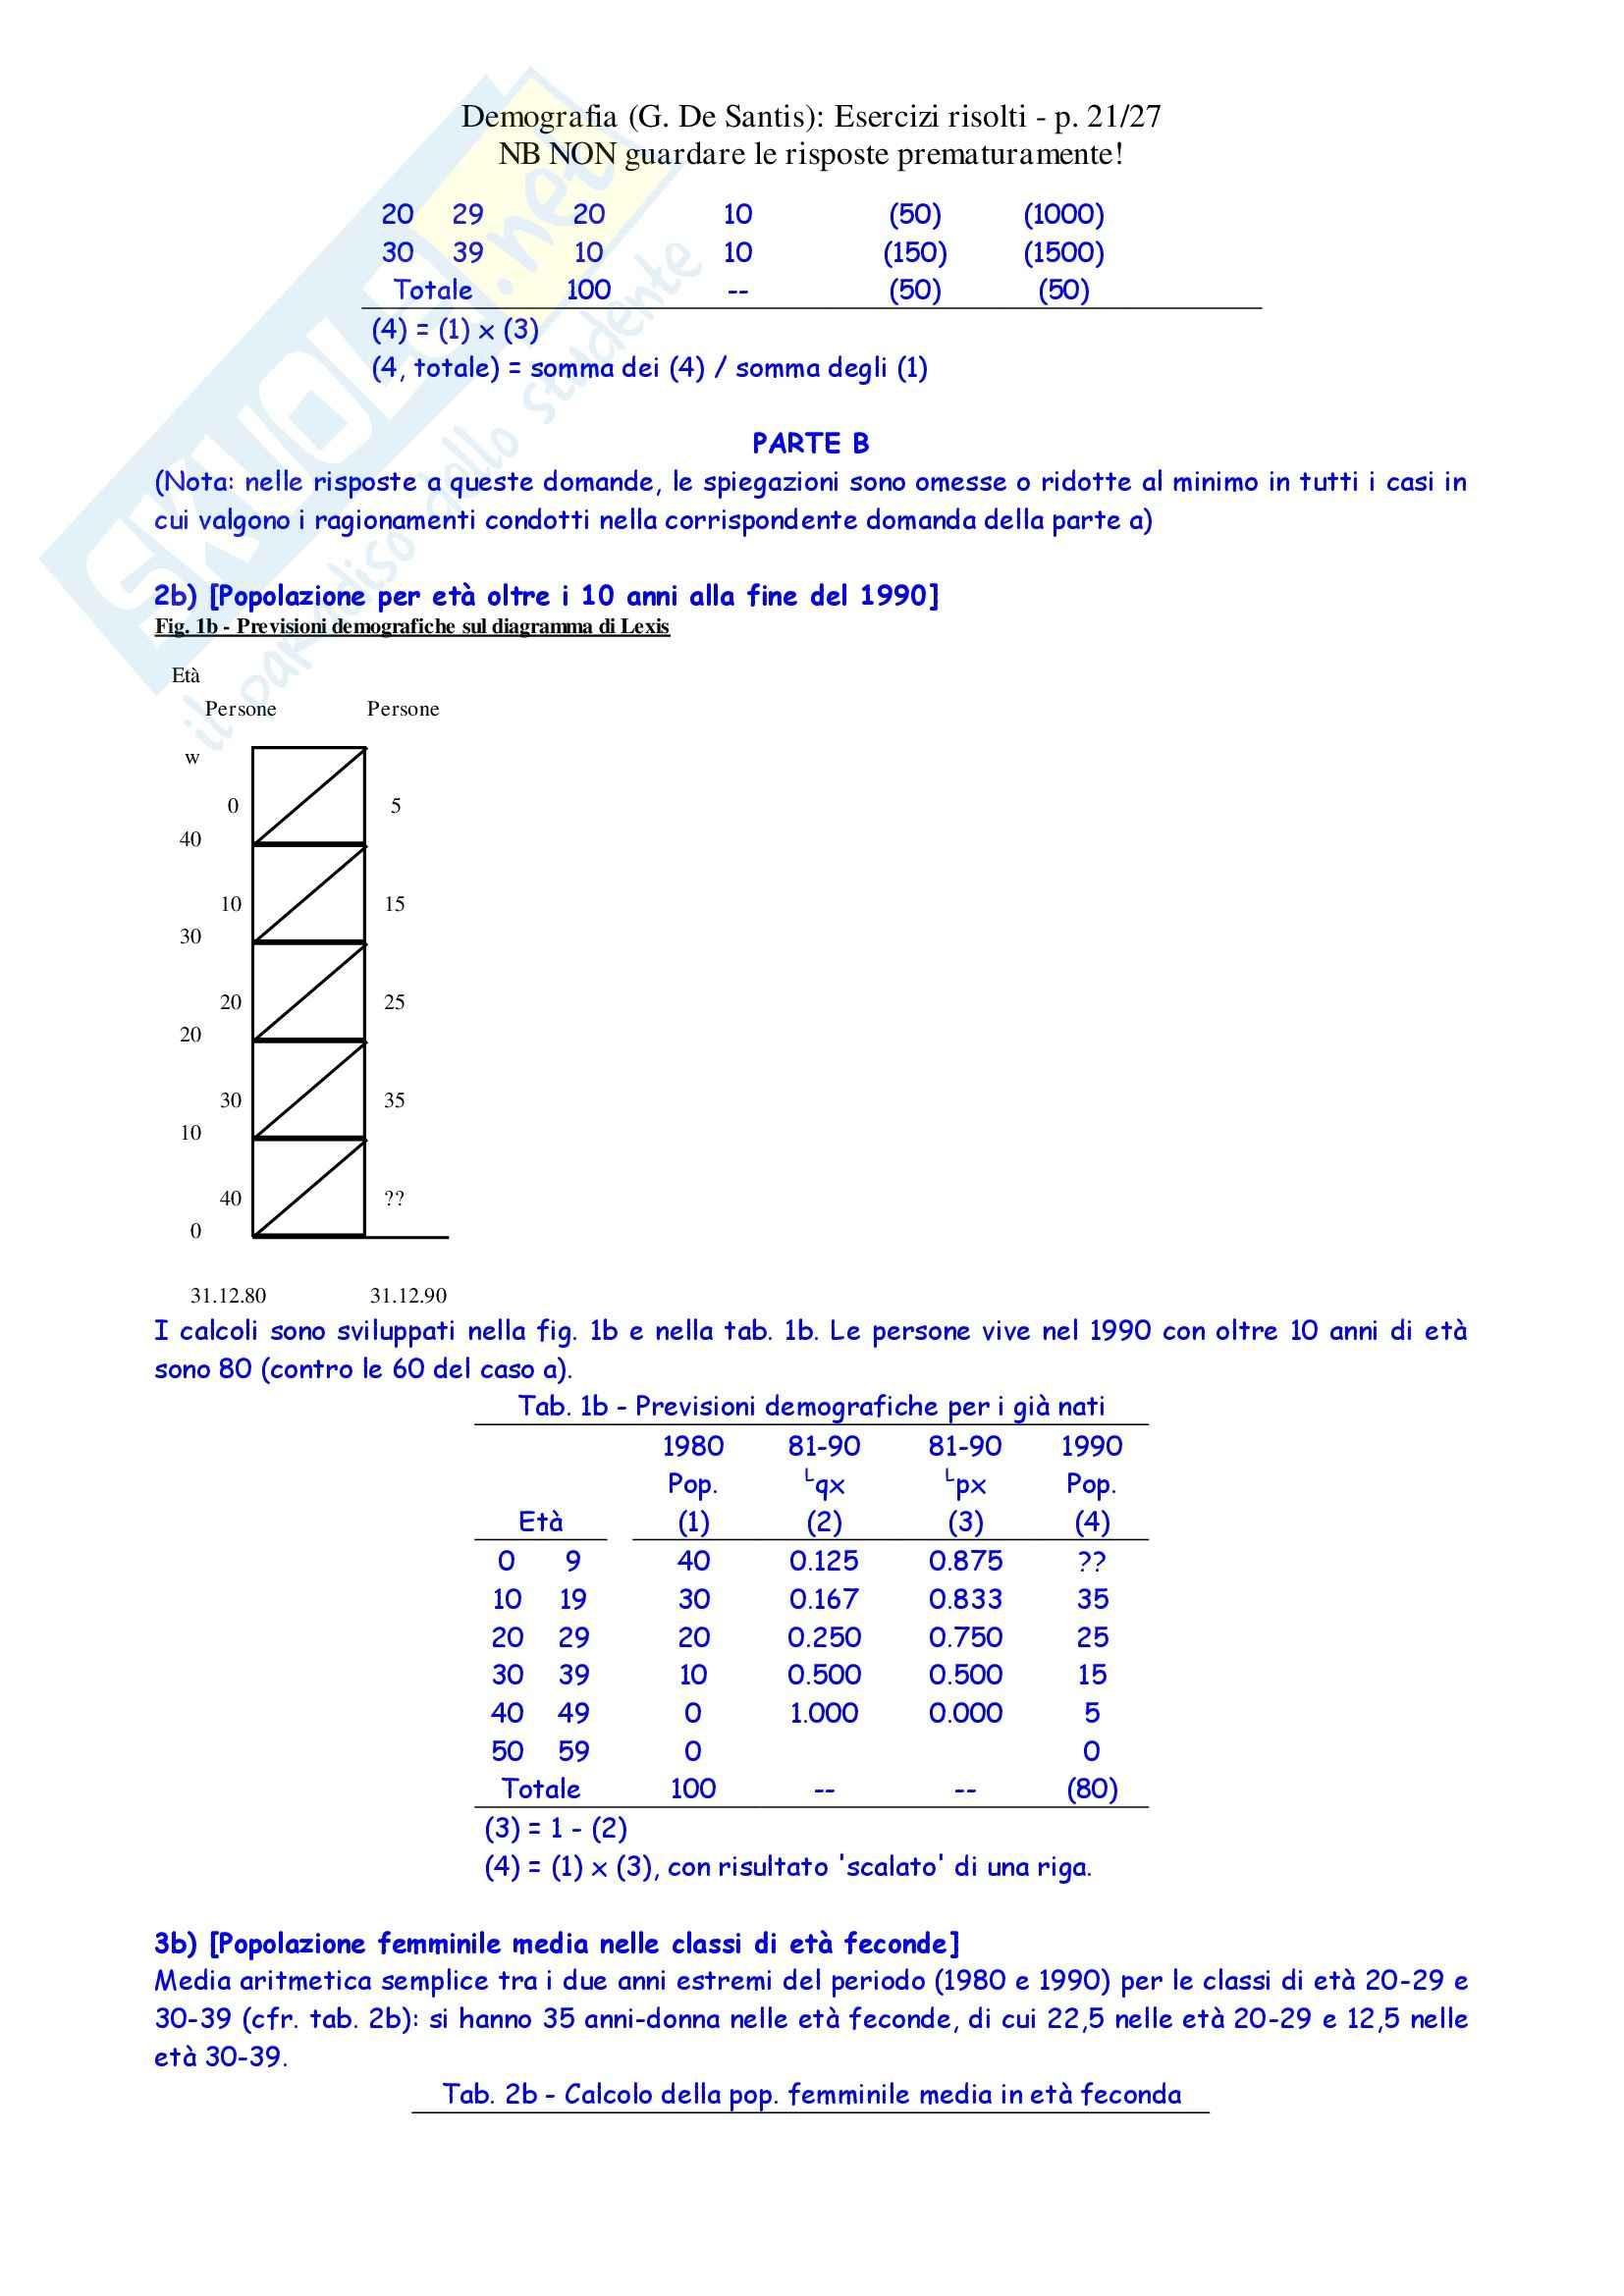 Demografia esercizi Pag. 21